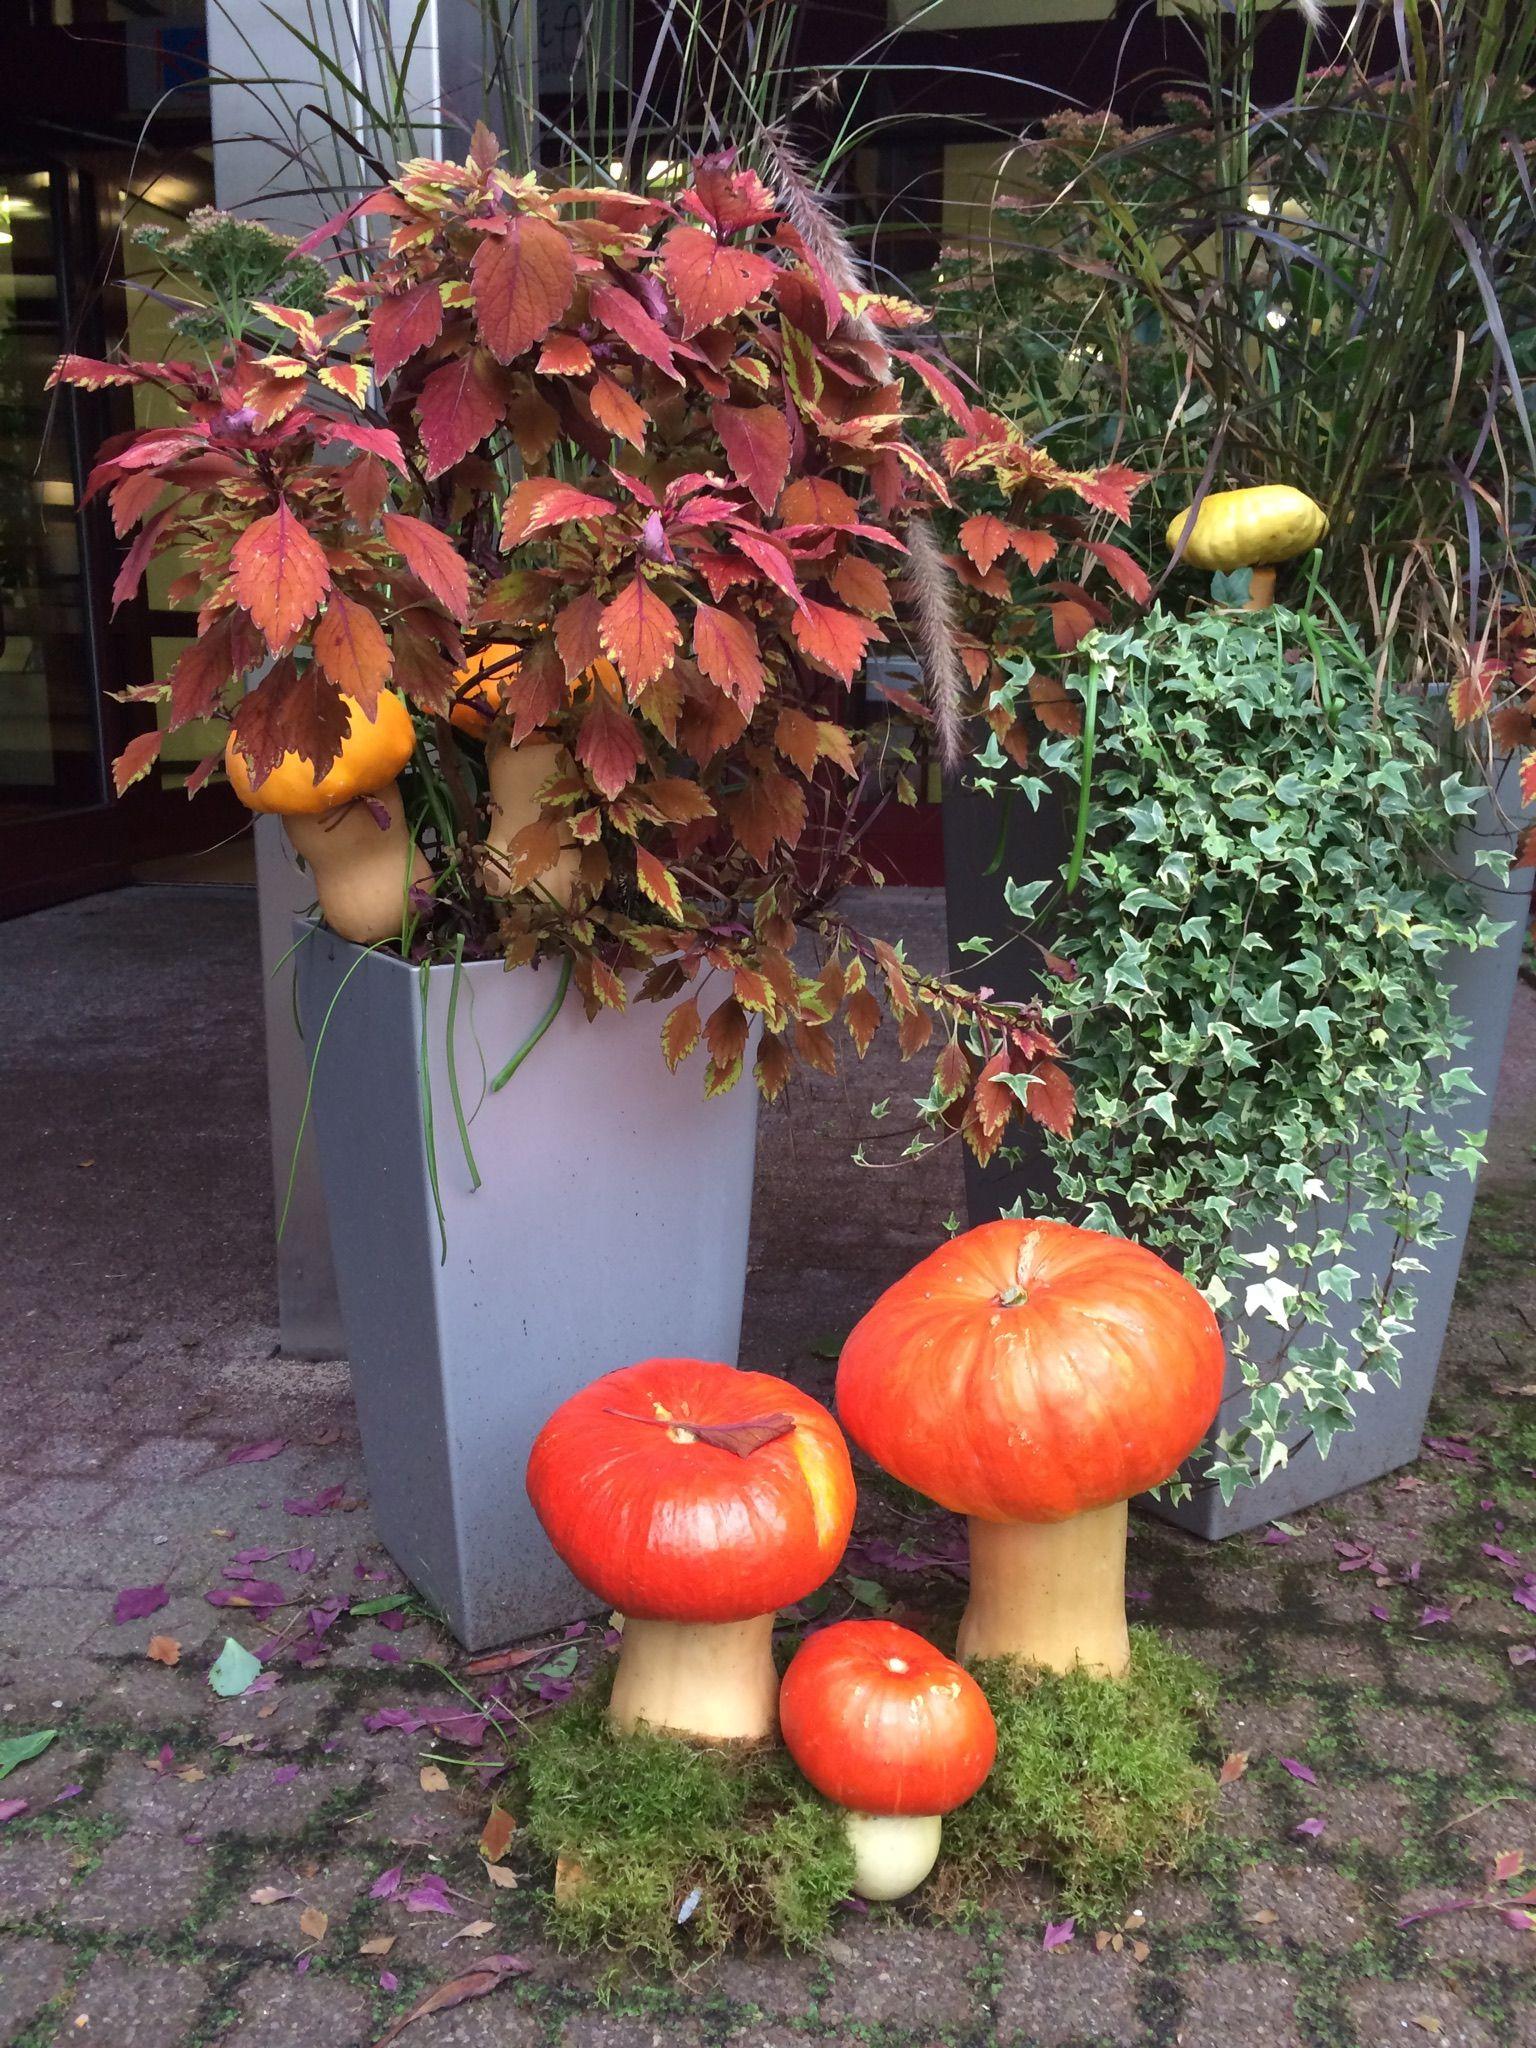 Herbstdekoration im Eingangsbereich. Die Pilze sind aus Kürbis.